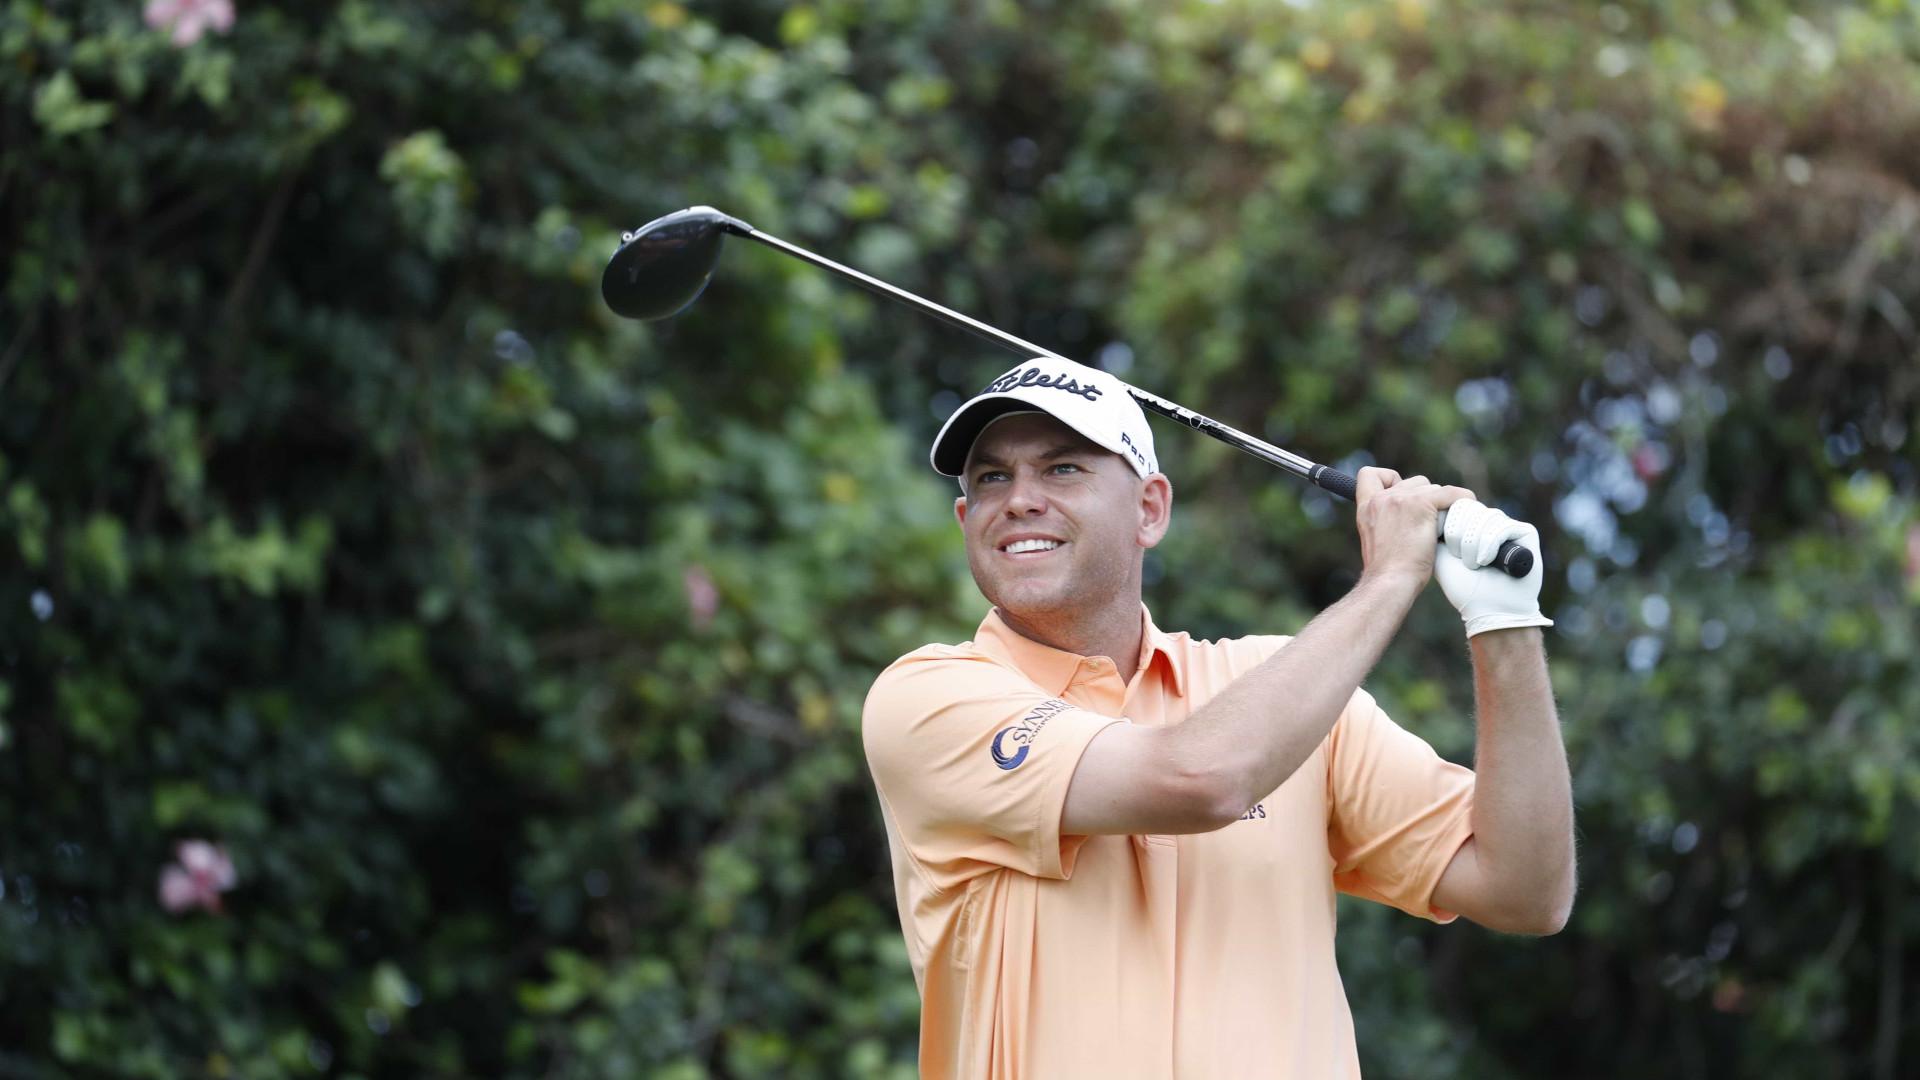 Golfista americano se envolve em acidente que termina com um morto